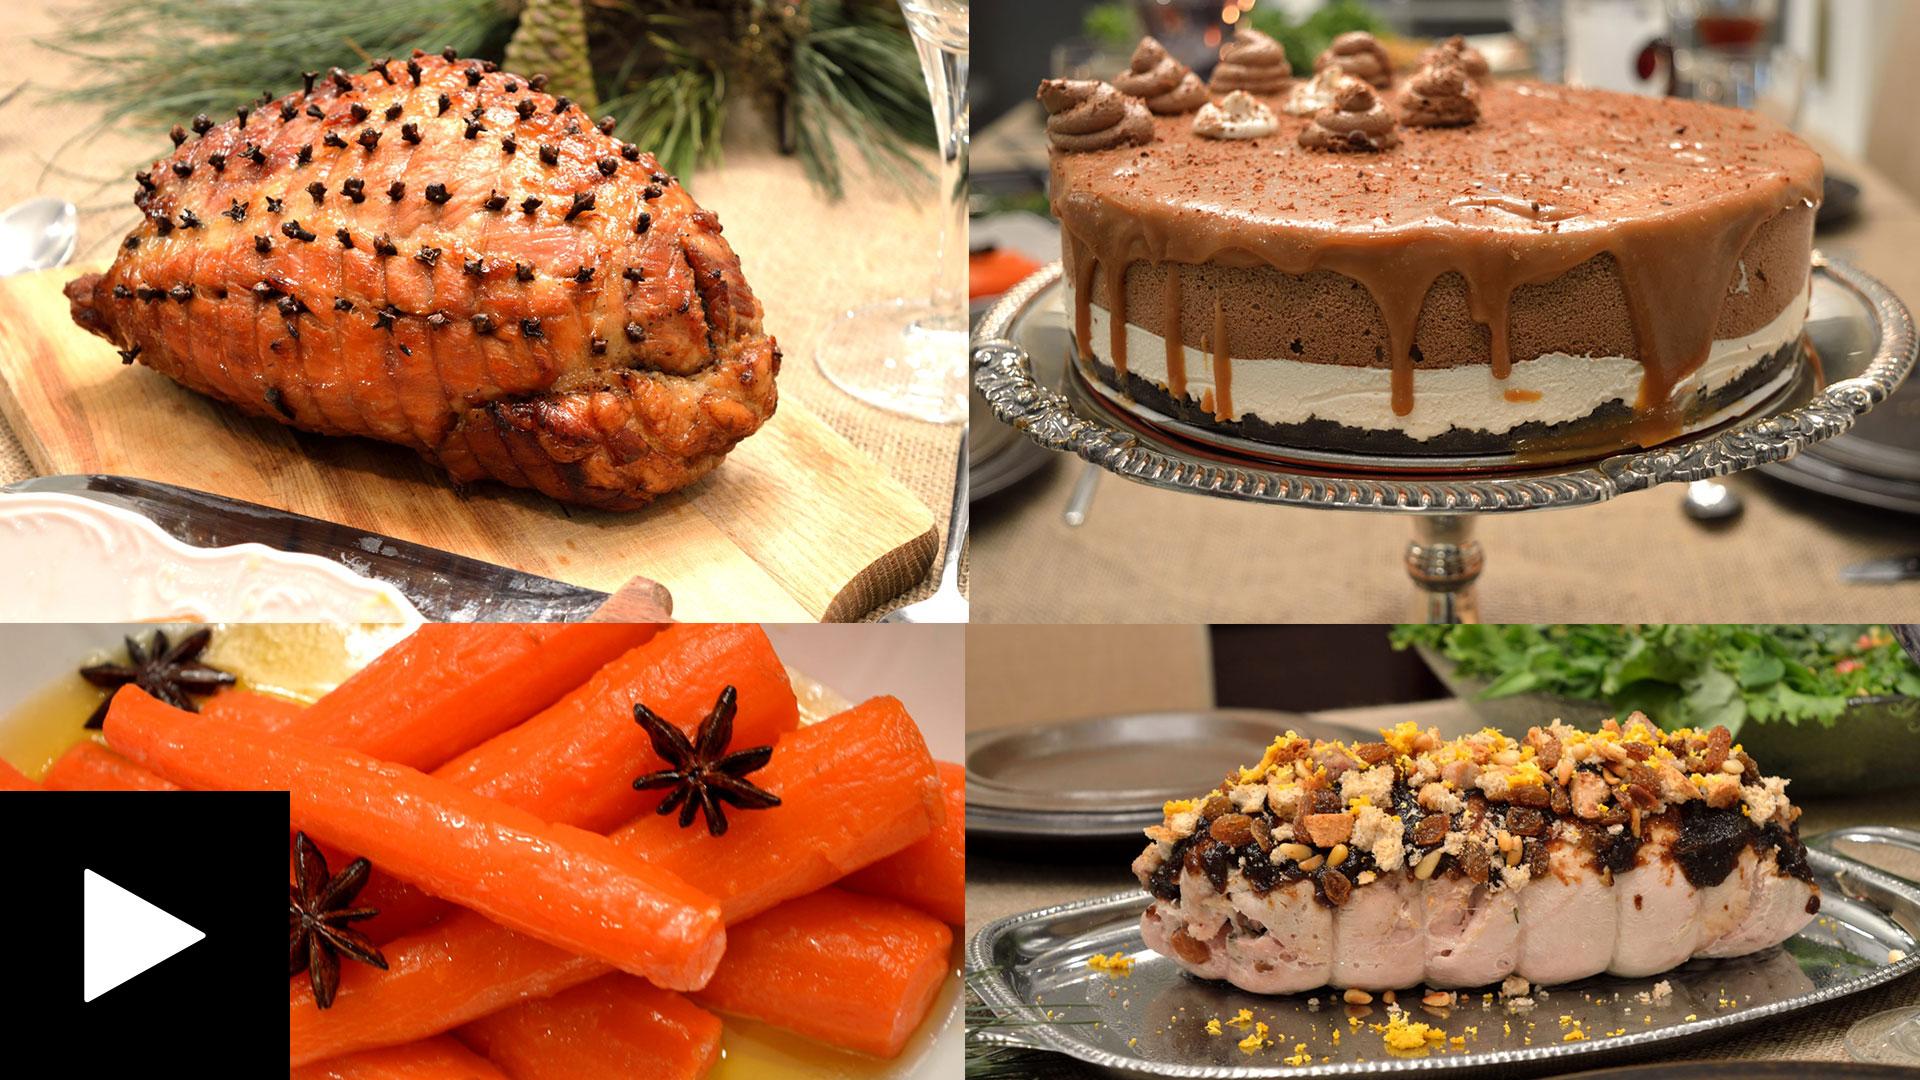 Οι 5 πιο γιορτινές συνταγές για το χριστουγεννιάτικο τραπέζι